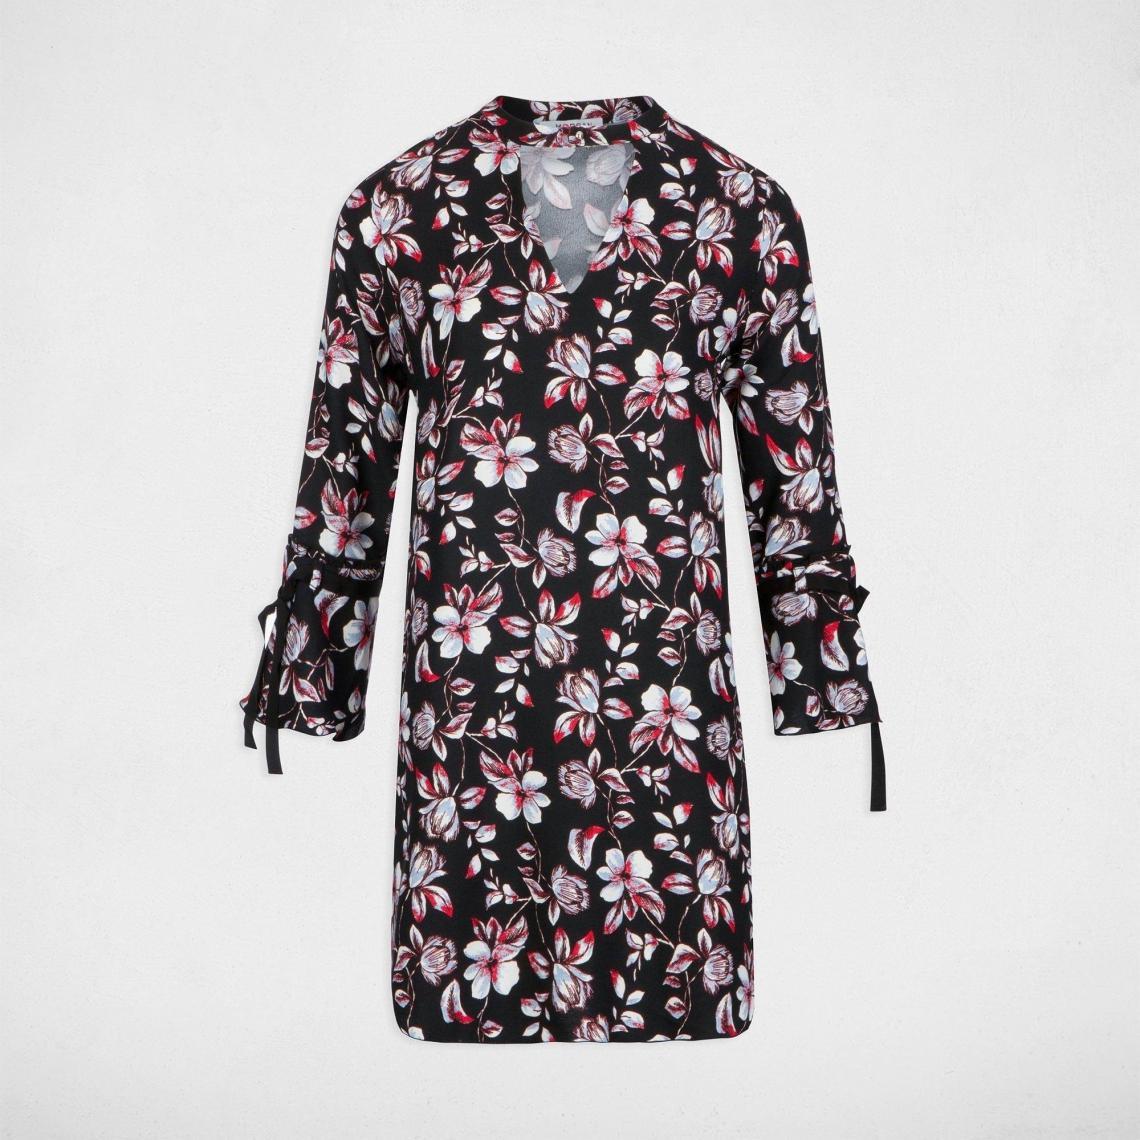 96f1f927f3a99 Robe bohème décolletée à motifs fleuris femme Morgan - Multicolore Morgan